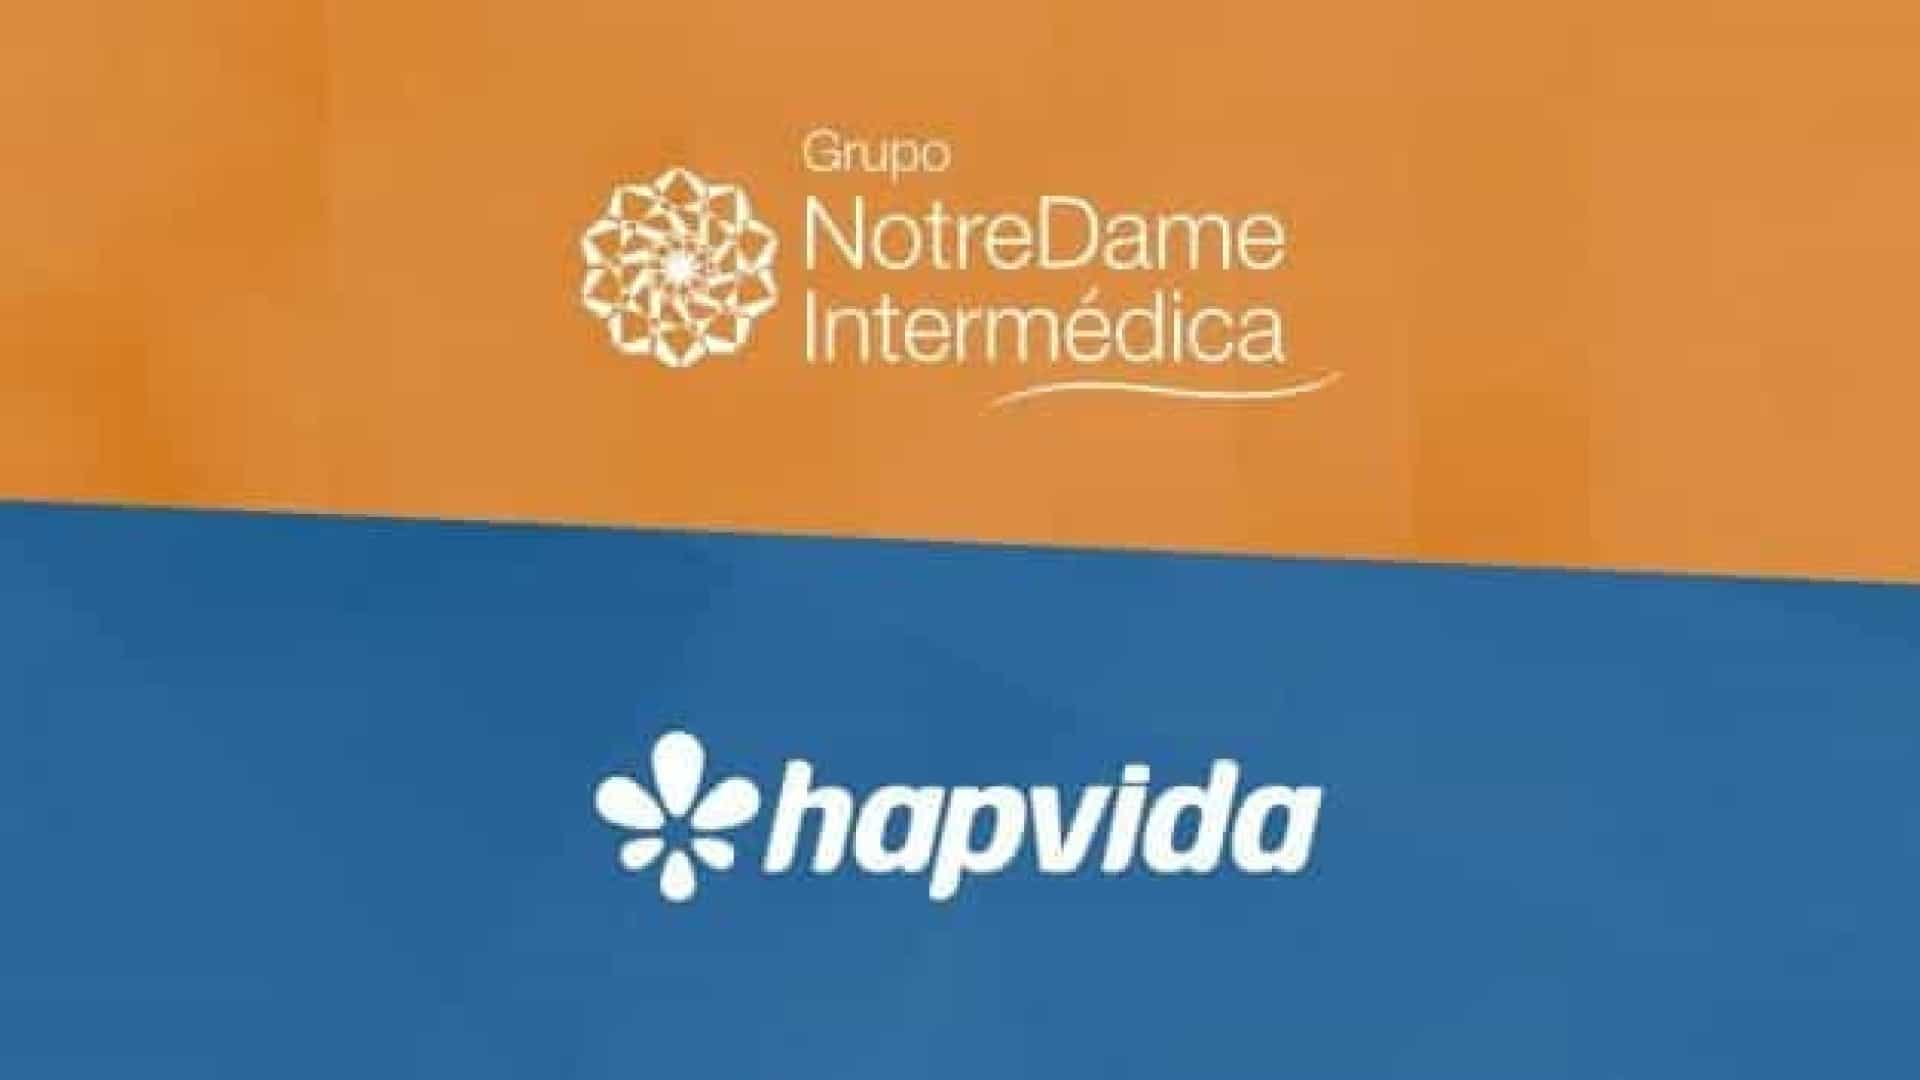 Notre Dame Intermédica e Hapvida chegam a acordo para combinação de negócios